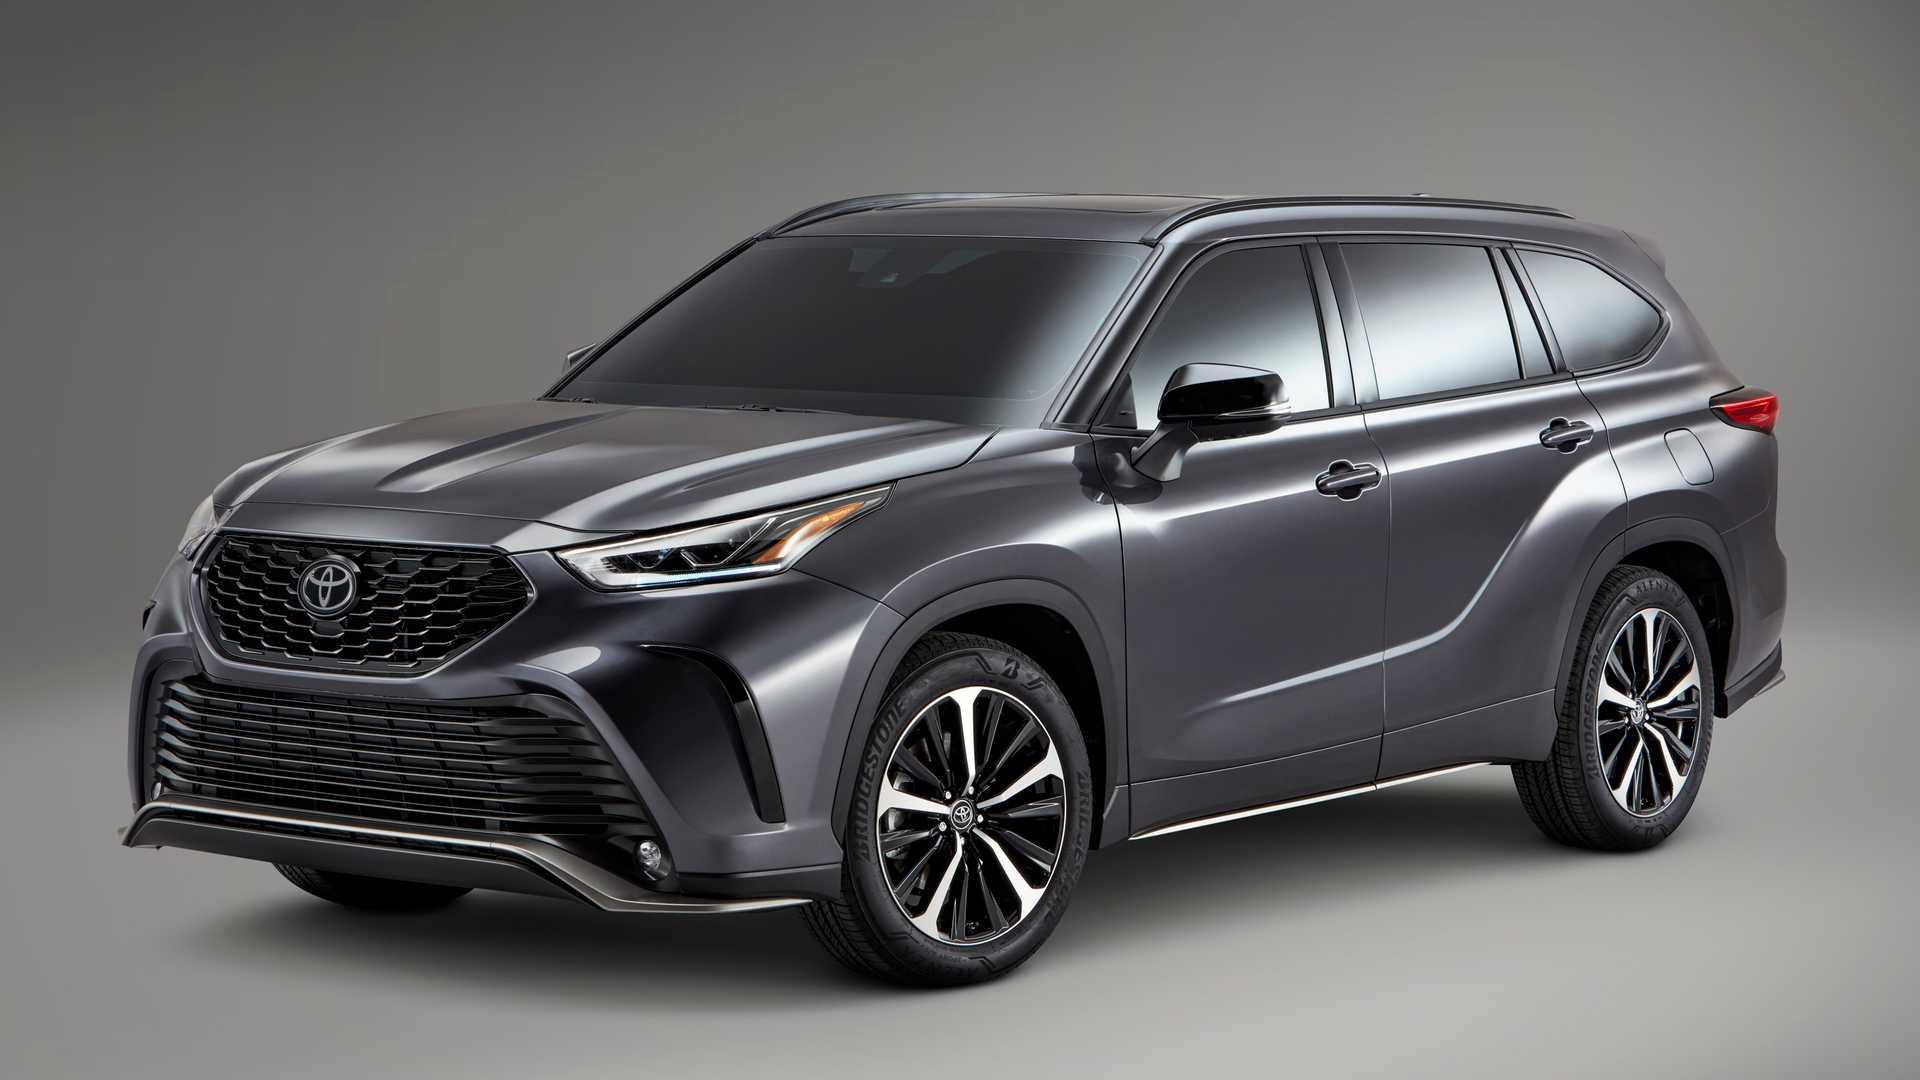 Toyota Highlander XSE 2021 hoàn toàn mới, đậm chất thể thao - 12